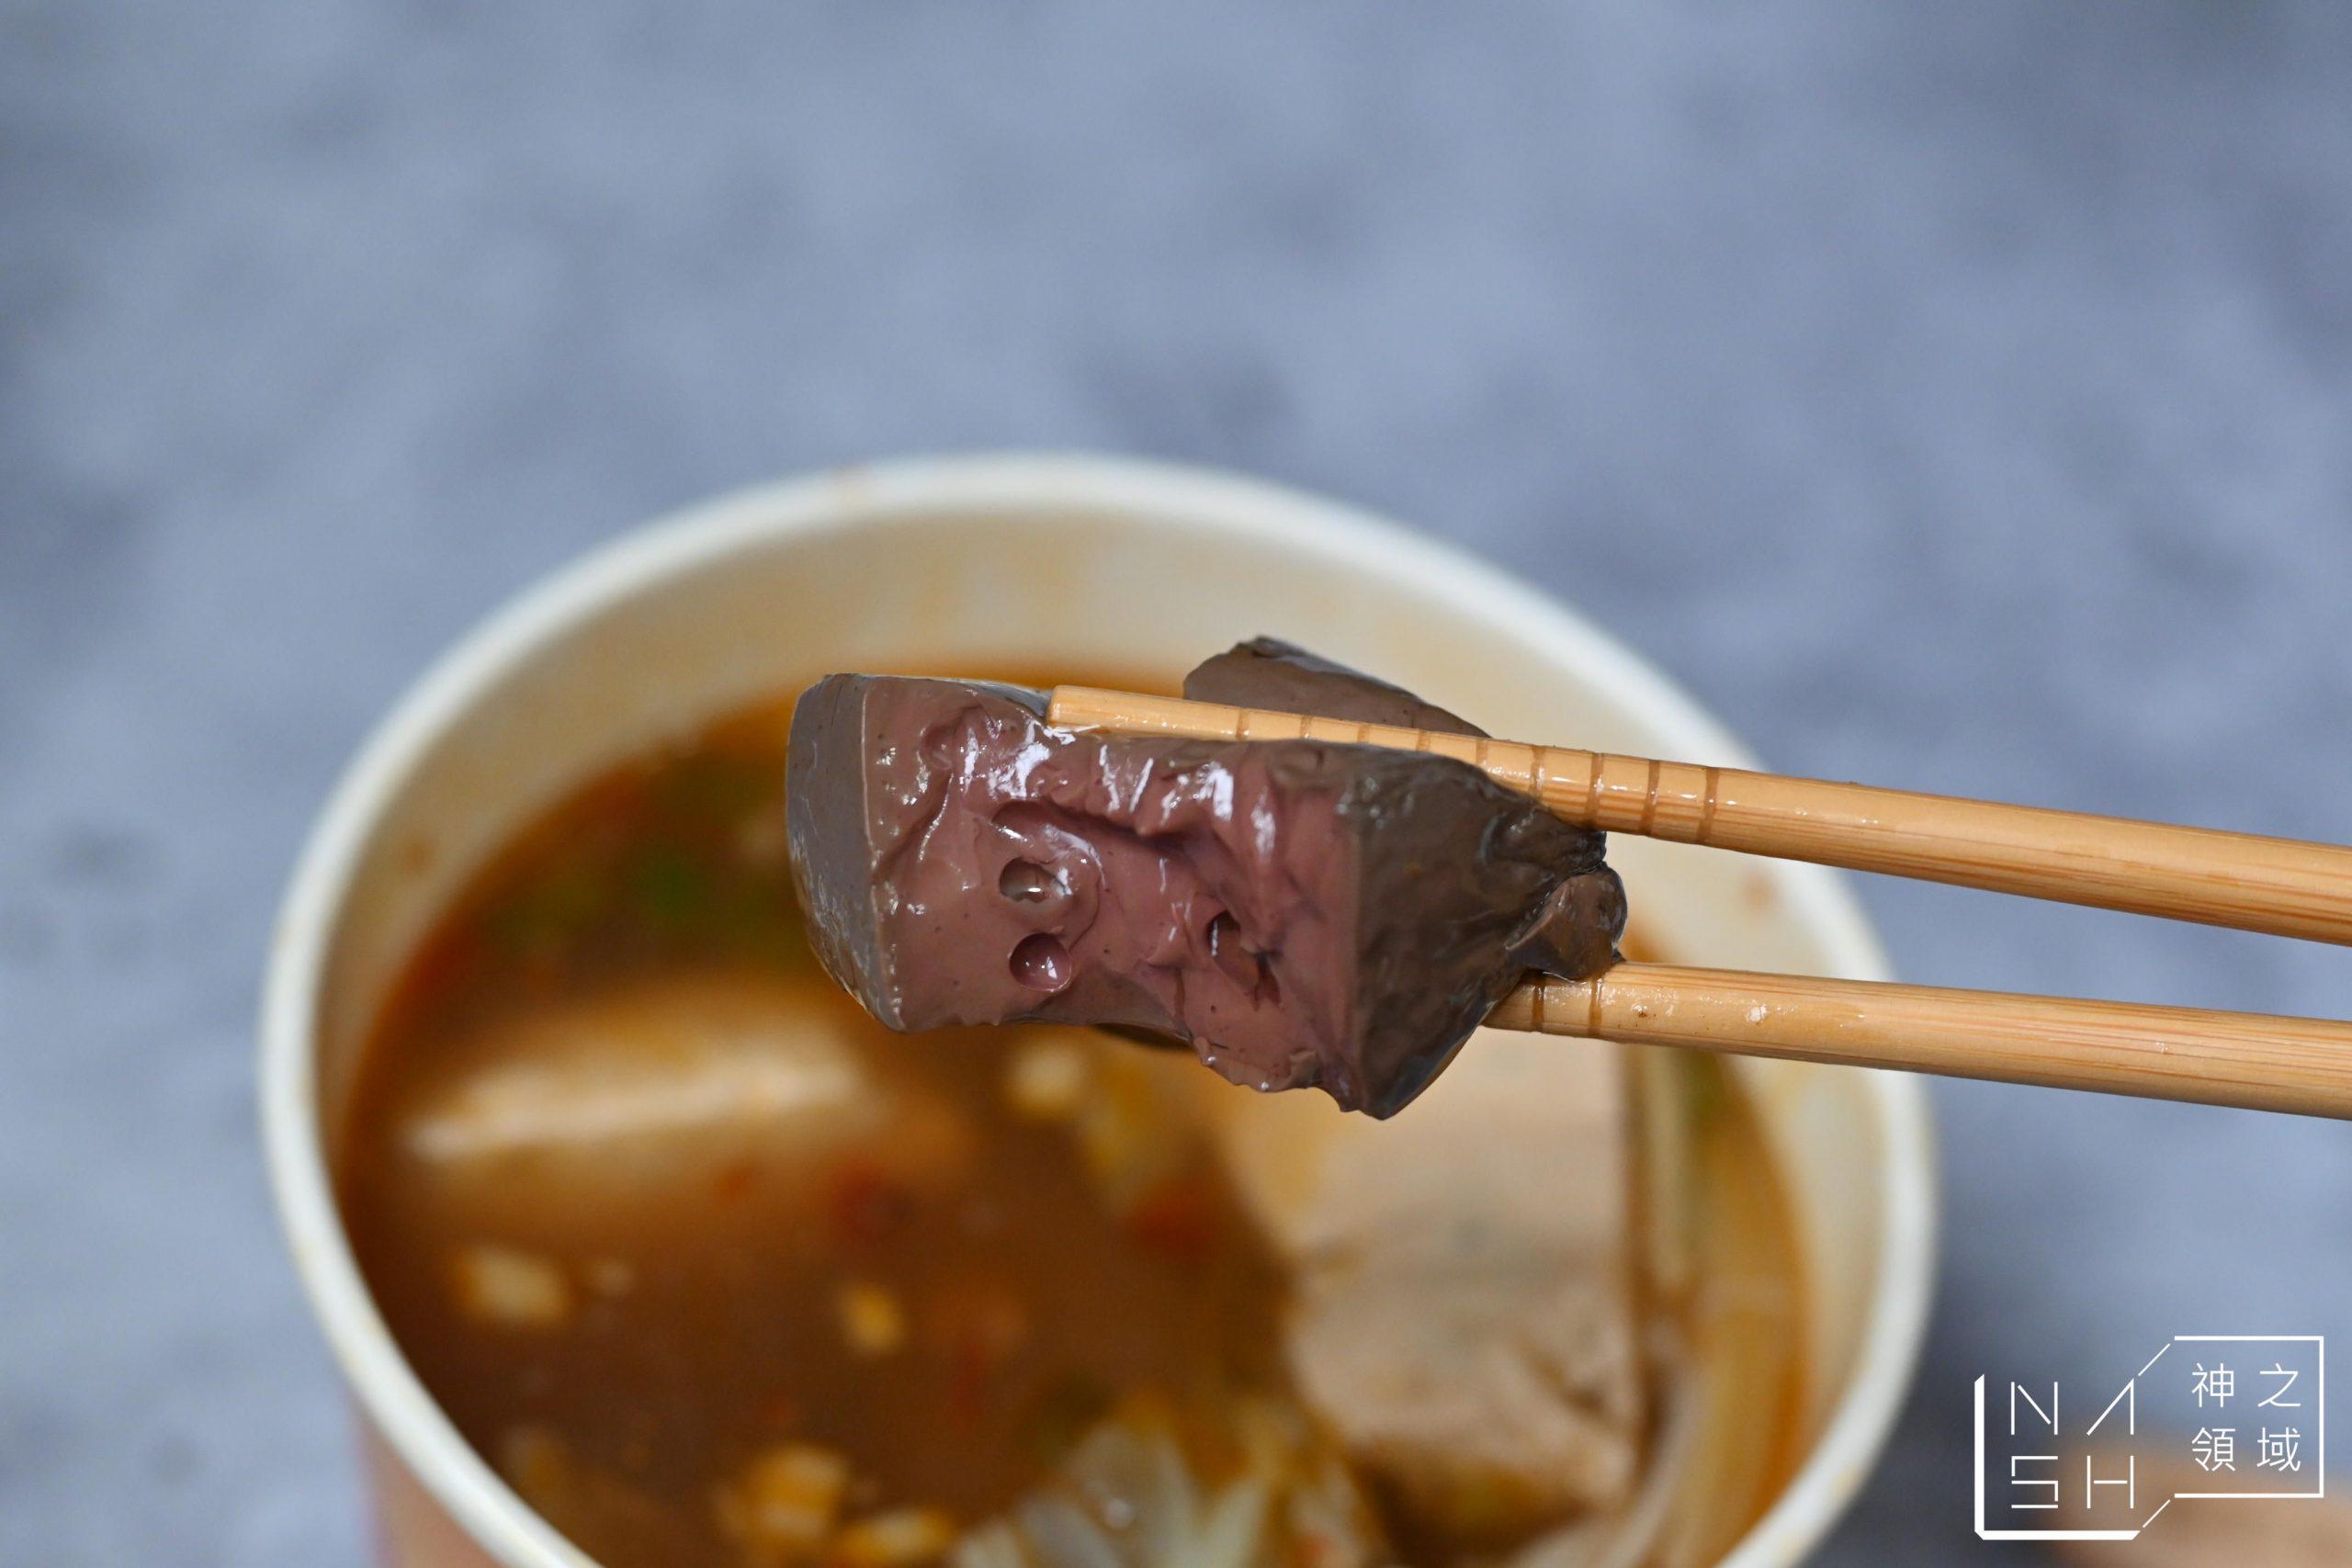 正豐臭豆腐